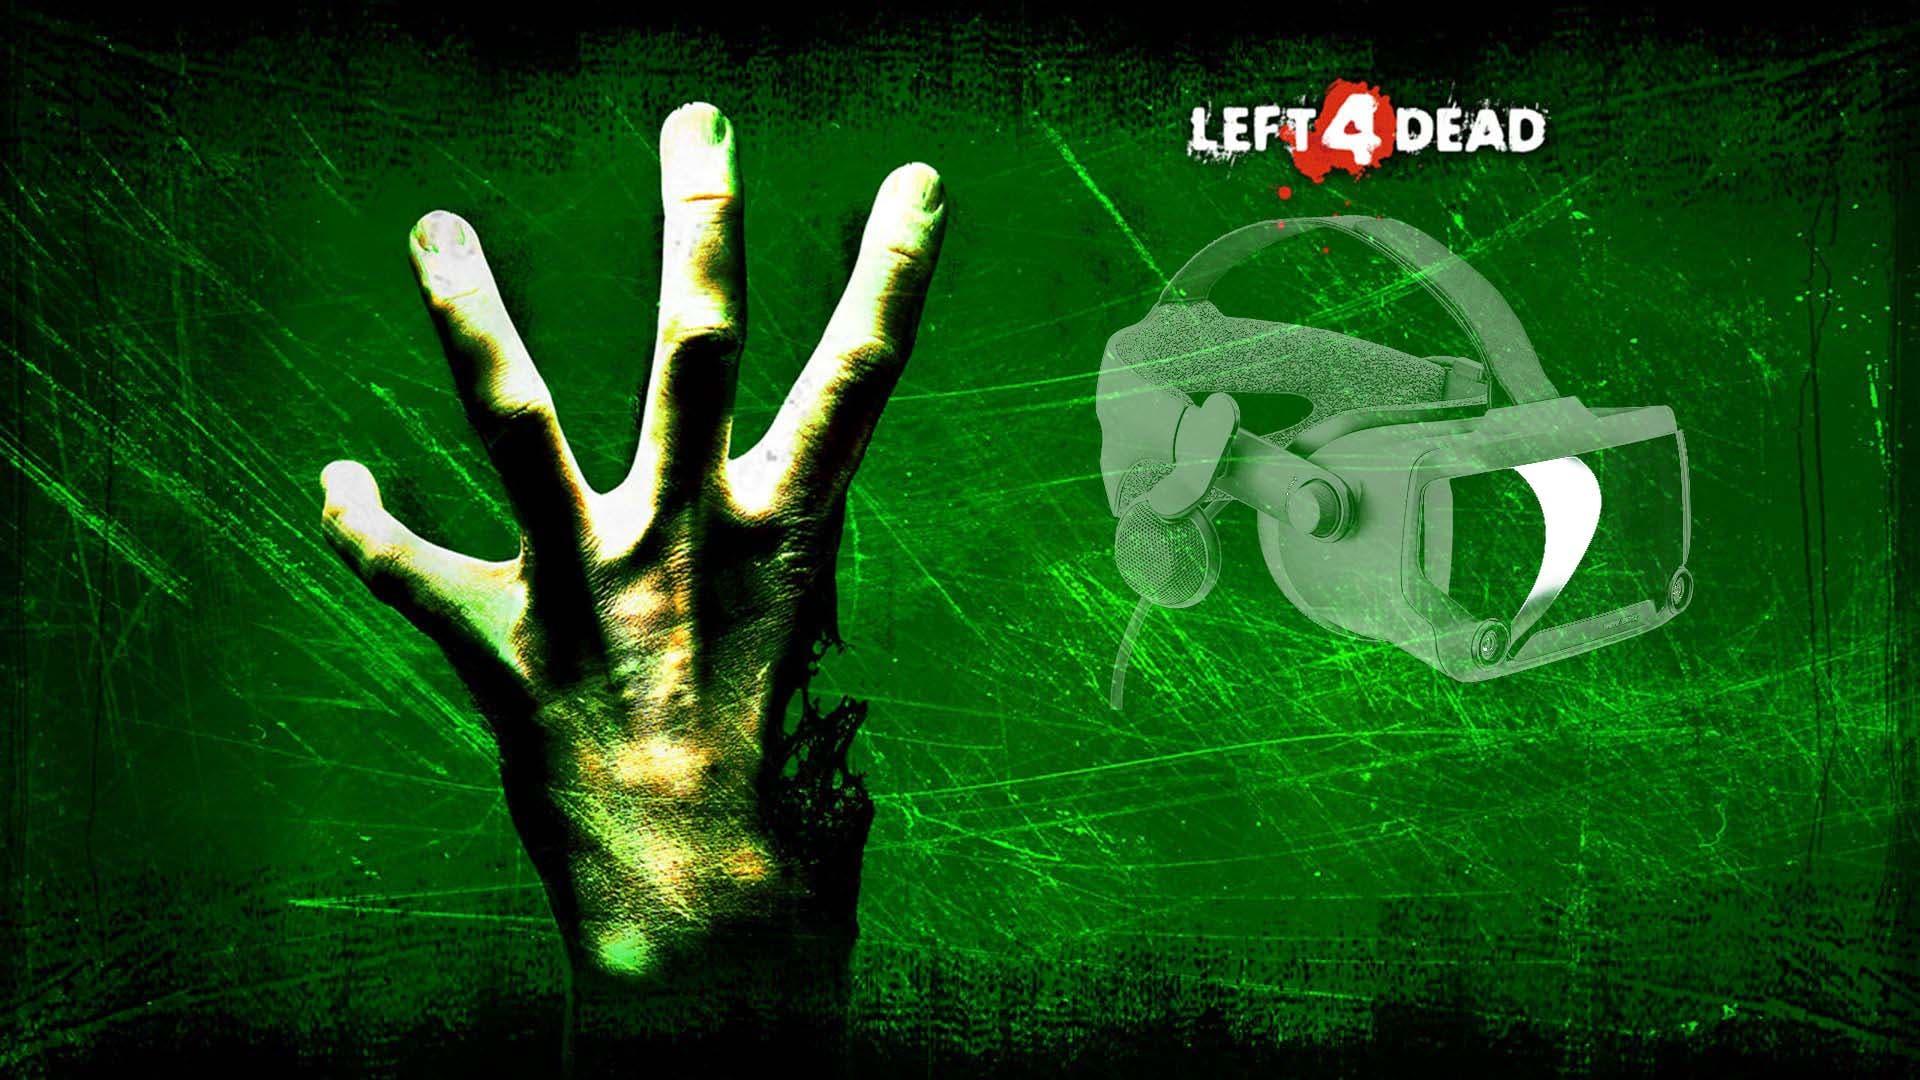 Left 4 Dead VR sería el próximo título de Valve según un rumor 7